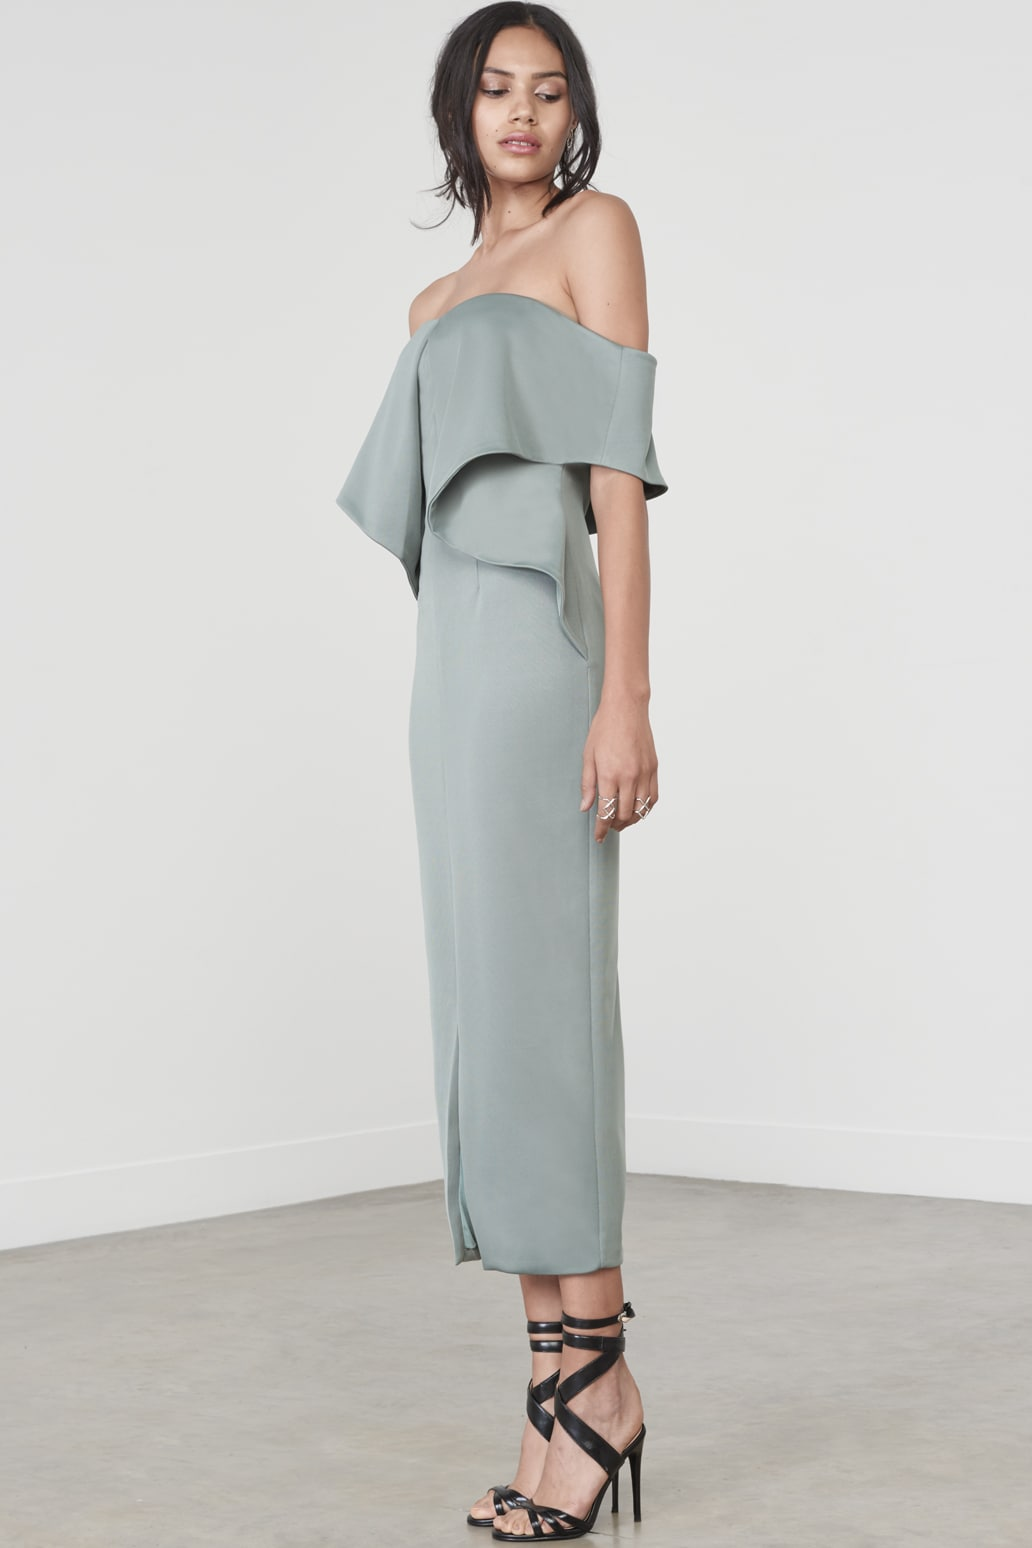 Drop Shoulder Origami Dress in Sage